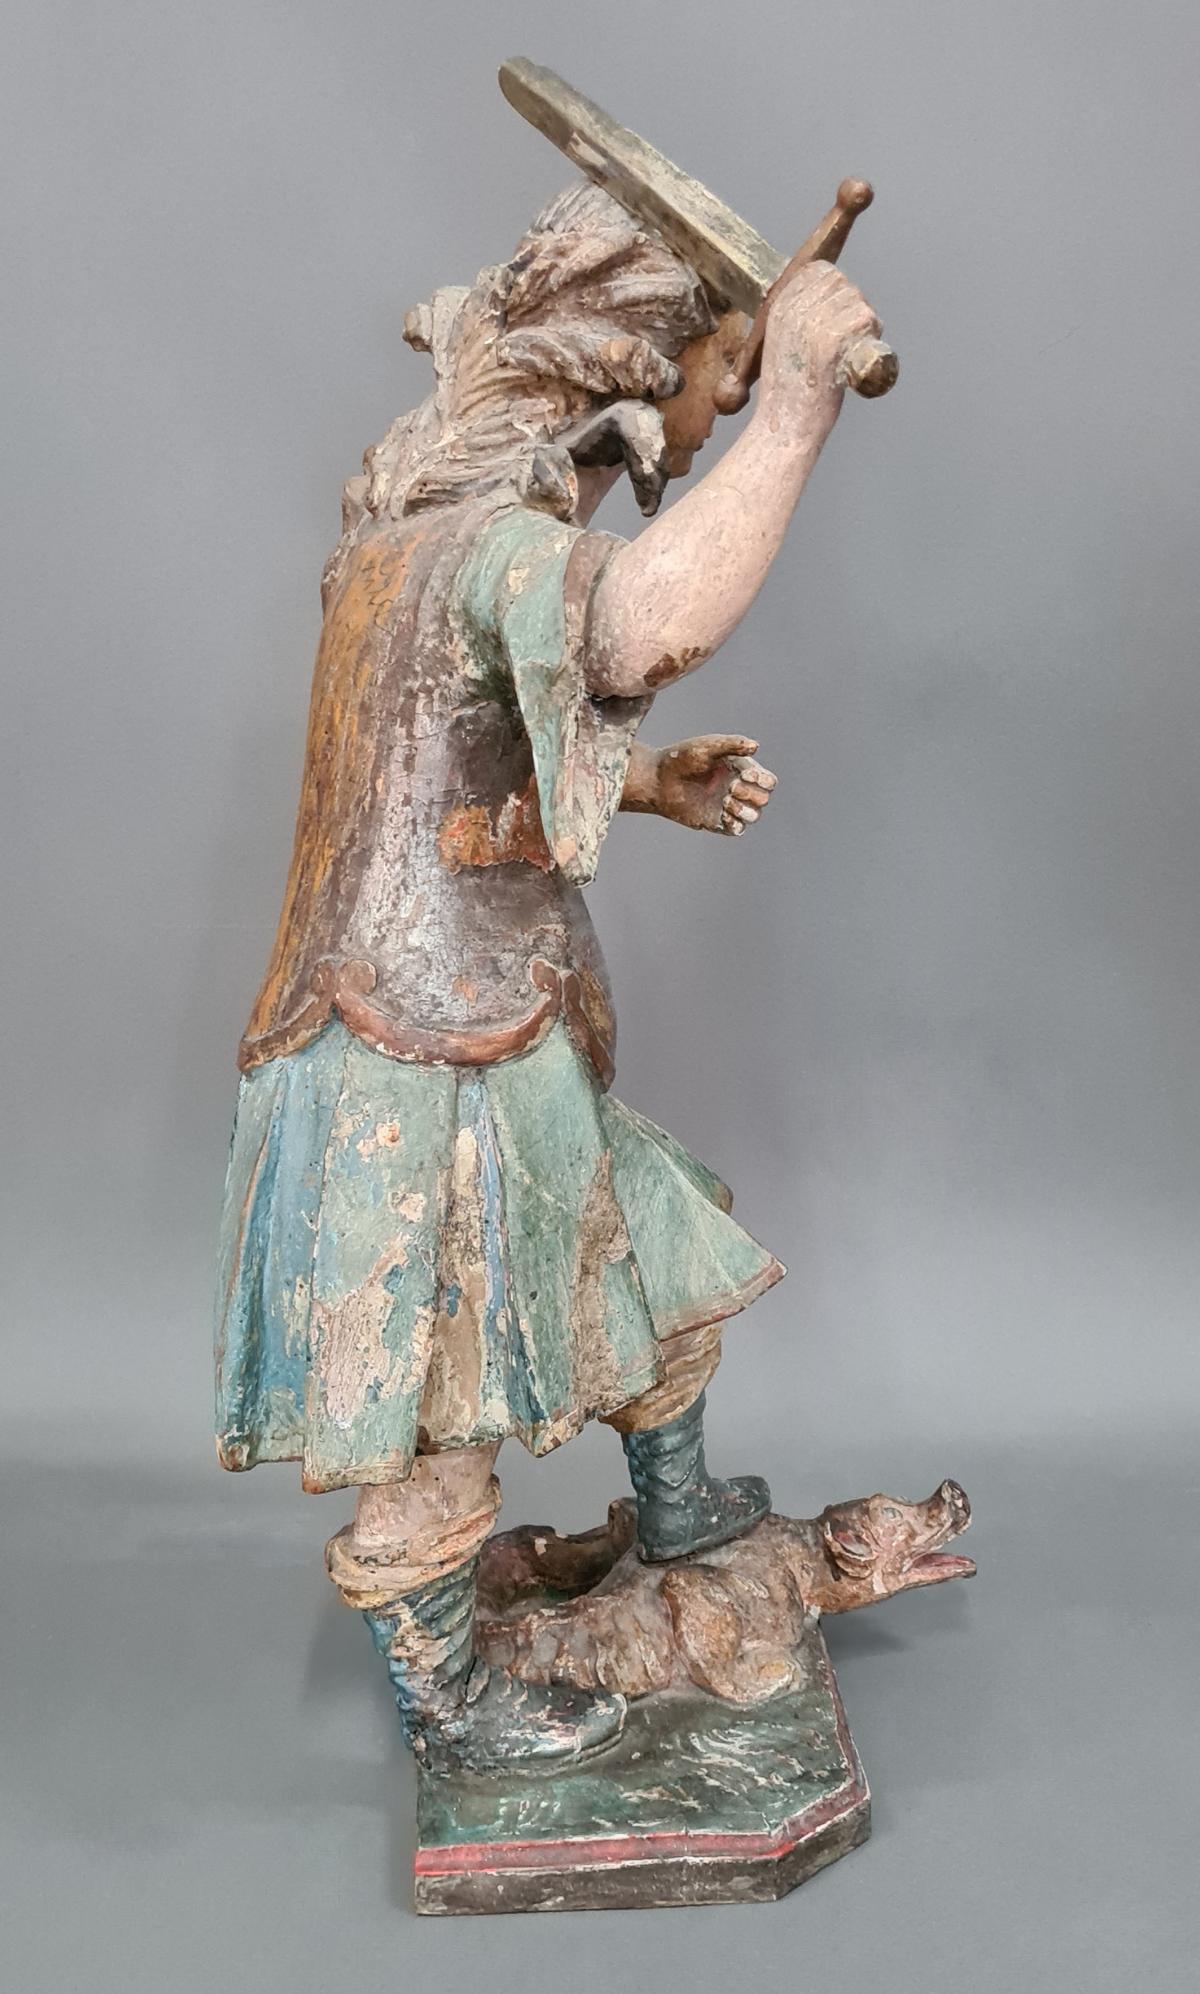 Holzskulptur Erzengel Michael mit Sockel, Süddeutsch um 1800,-9